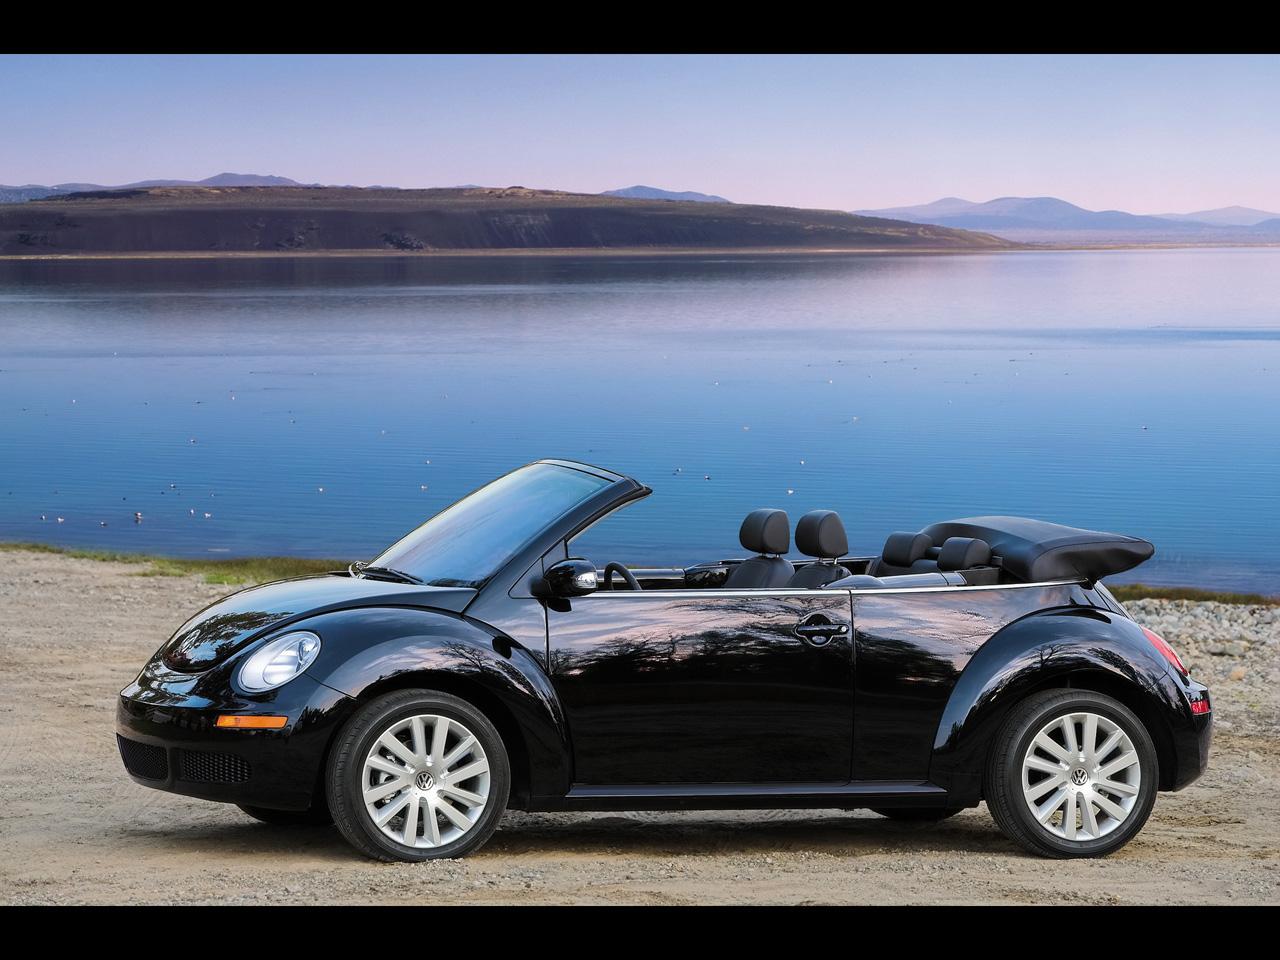 Black Volkswagen Beetle Convertible